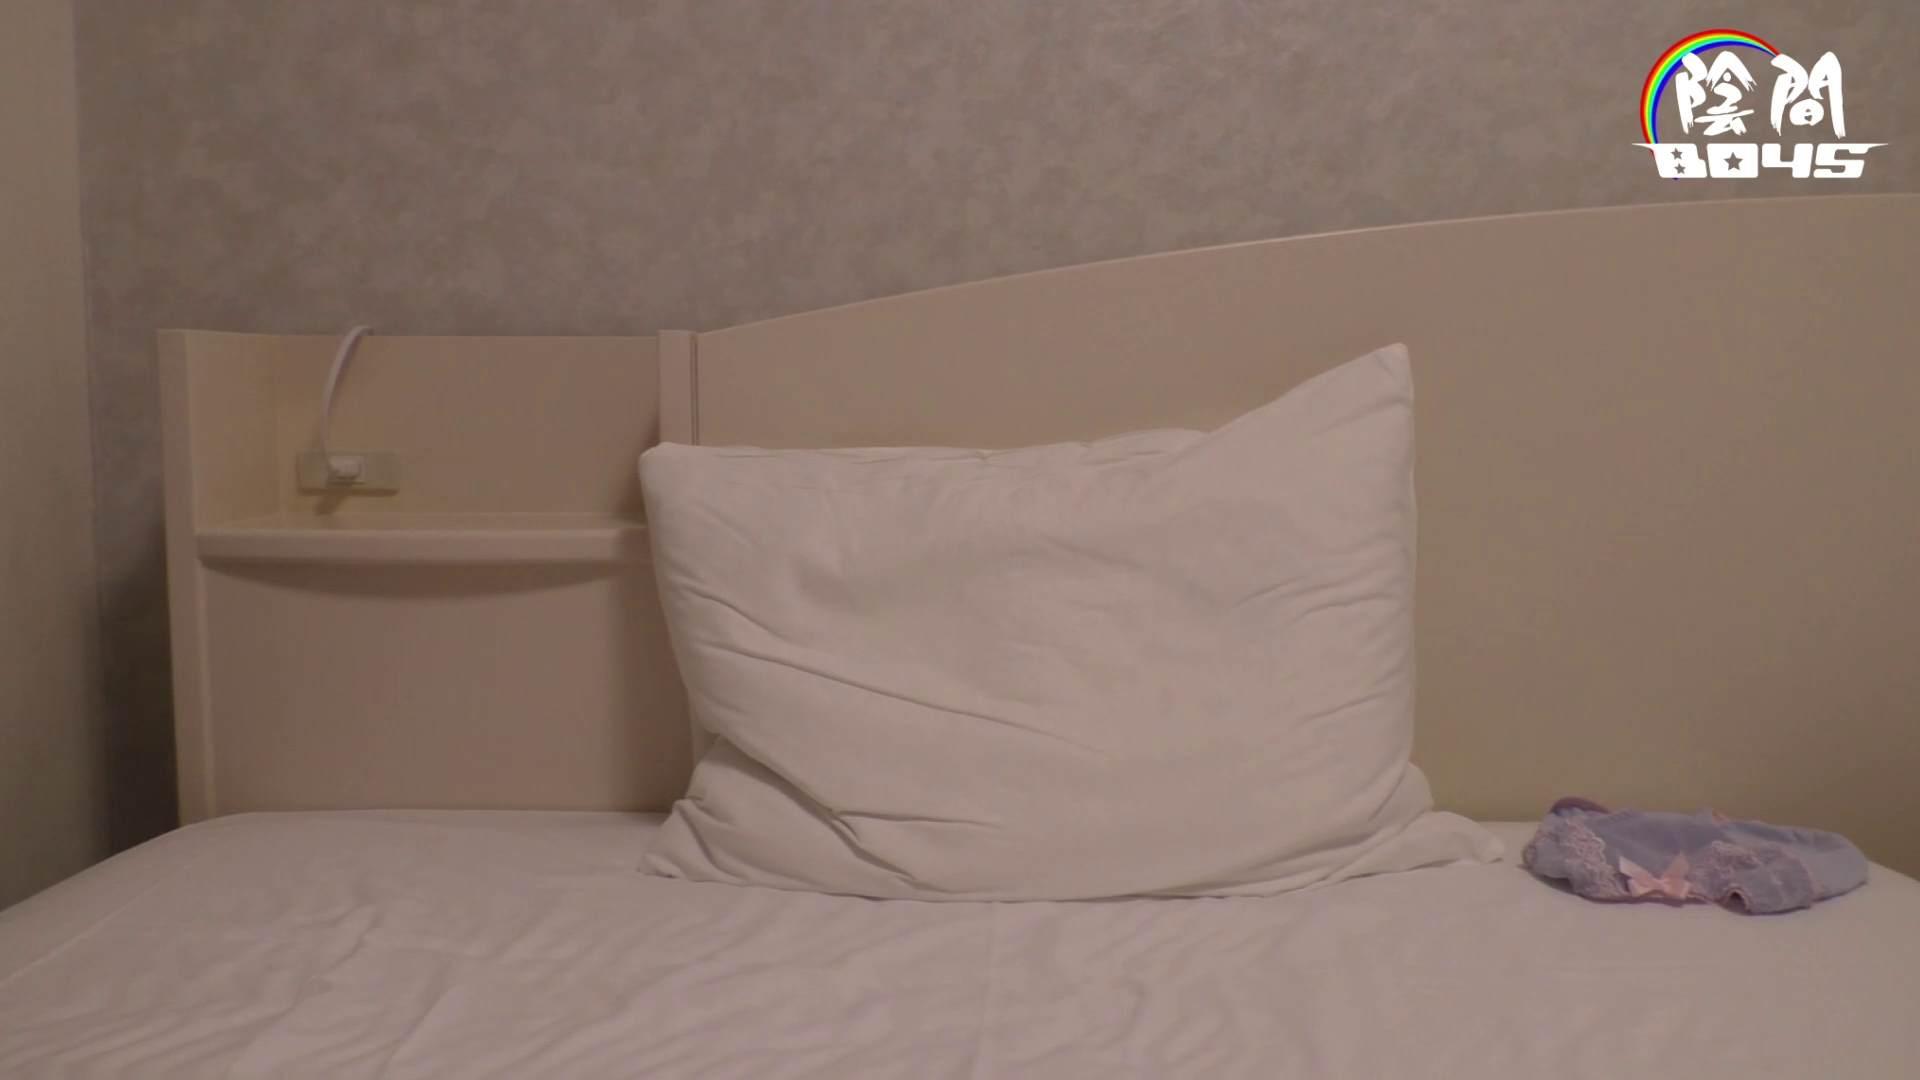 「君のアナルは」part1 ~ノンケの掟破り~Vol.06 ハメ撮りまつり | オナニー ゲイエロビデオ画像 8連発 5